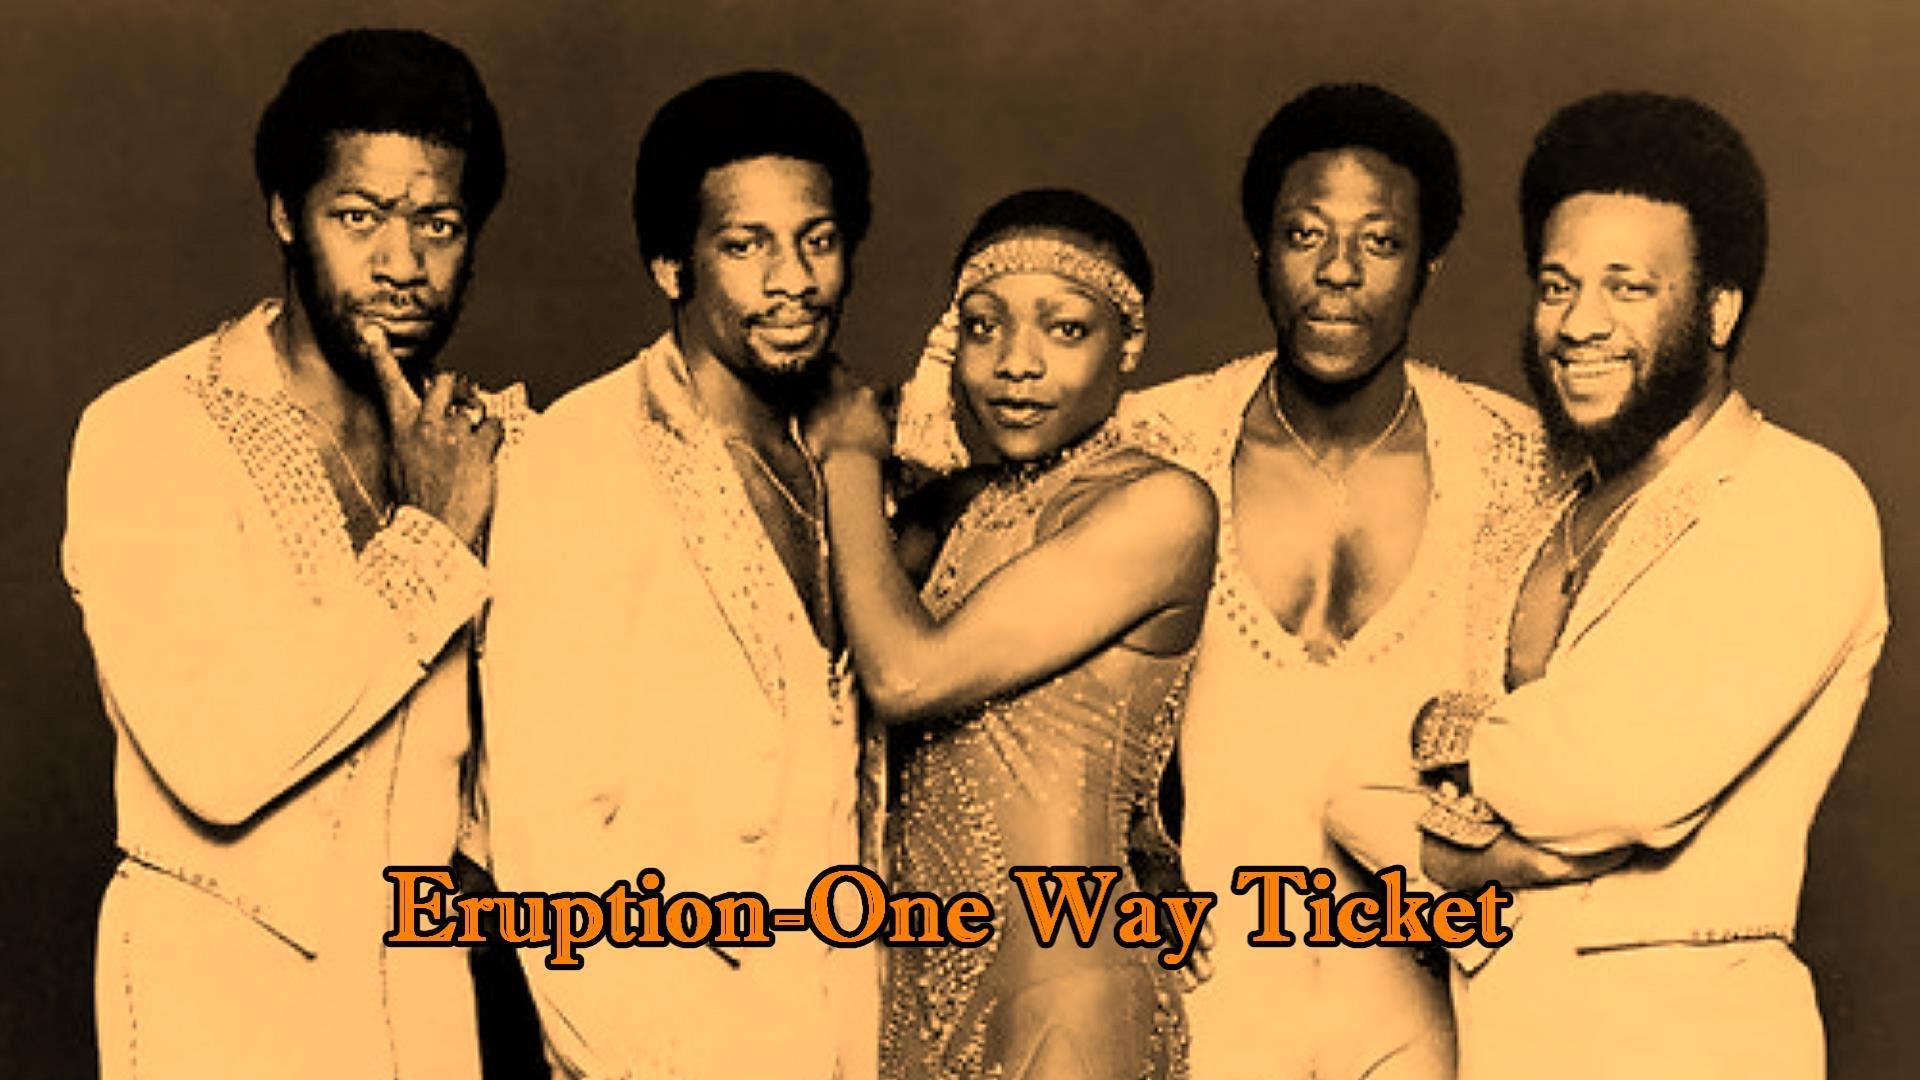 Помните как раньше на дискотеках под этот хит отжигали… Супер!